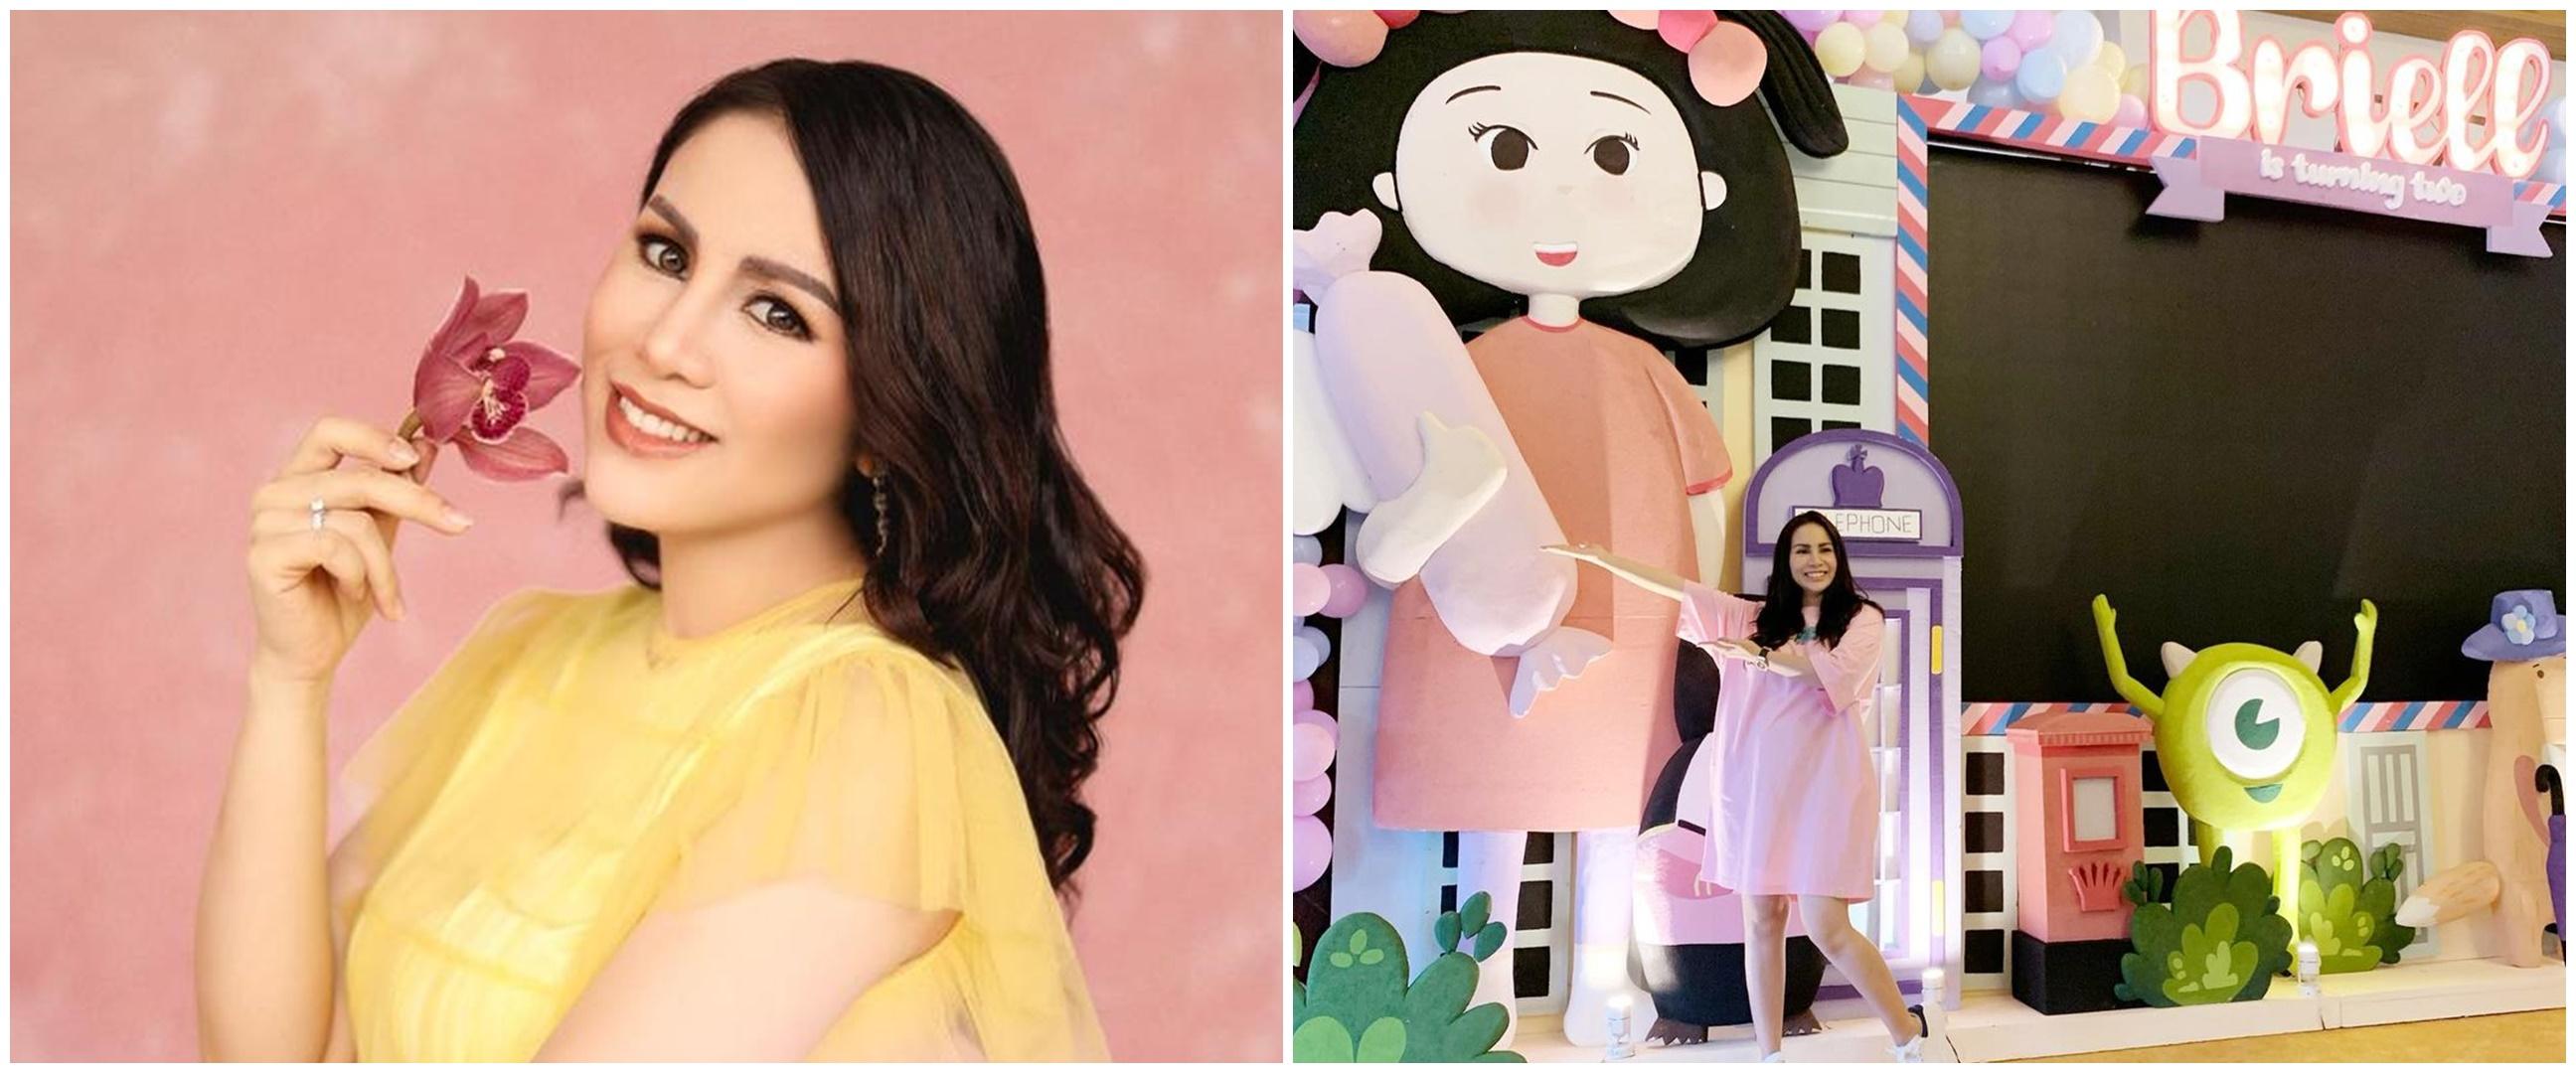 7 Momen ulang tahun ke-2 Briel putri Momo Geisha, dekorasinya unik